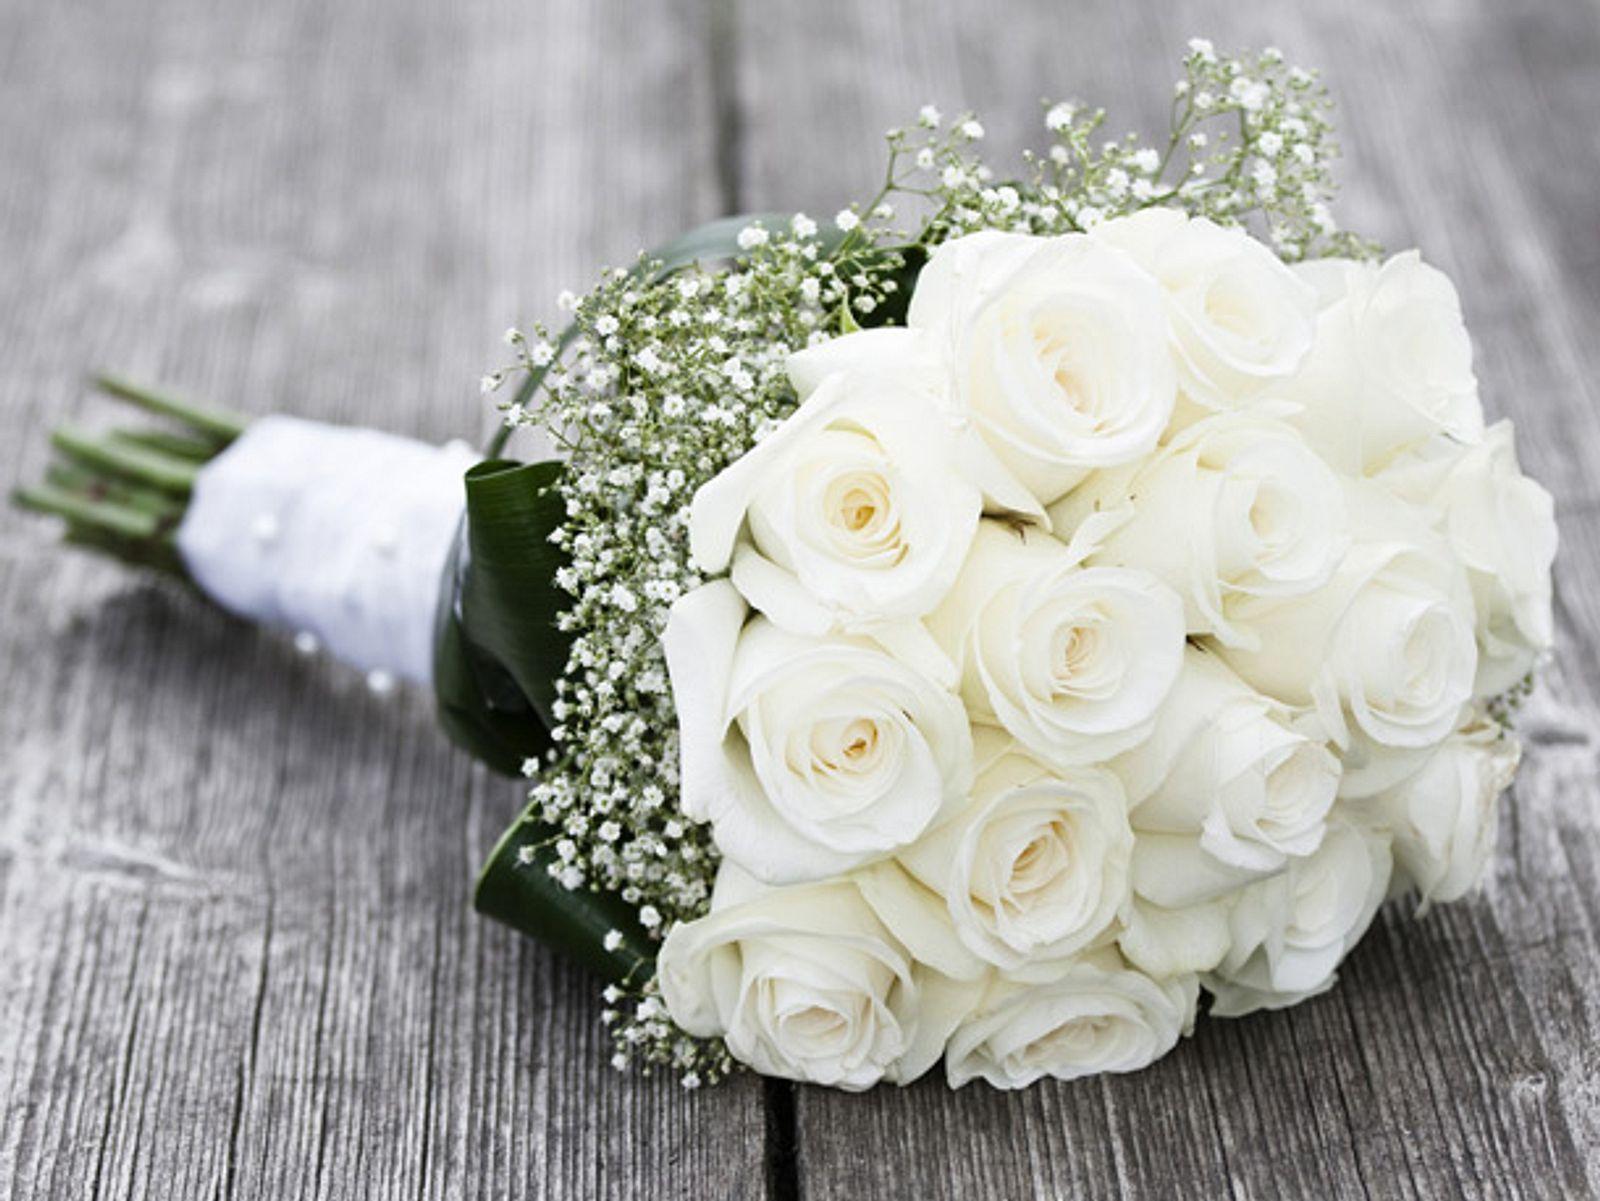 Weiße Rosen: Welche Bedeutung haben sie? | Liebenswert Magazin